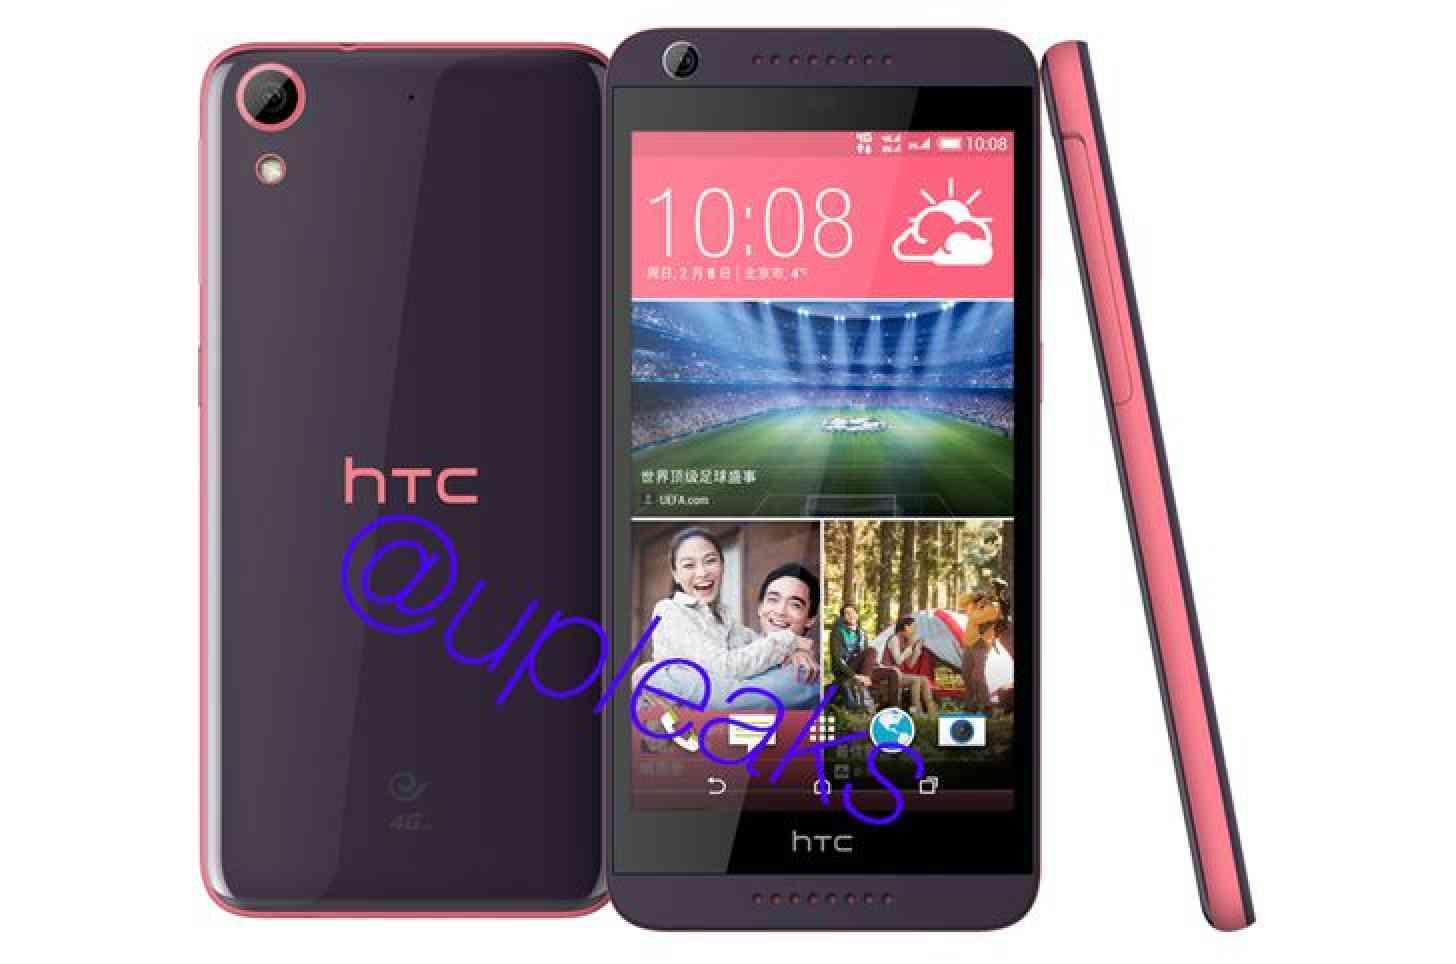 HTC Desire 626 leak purple